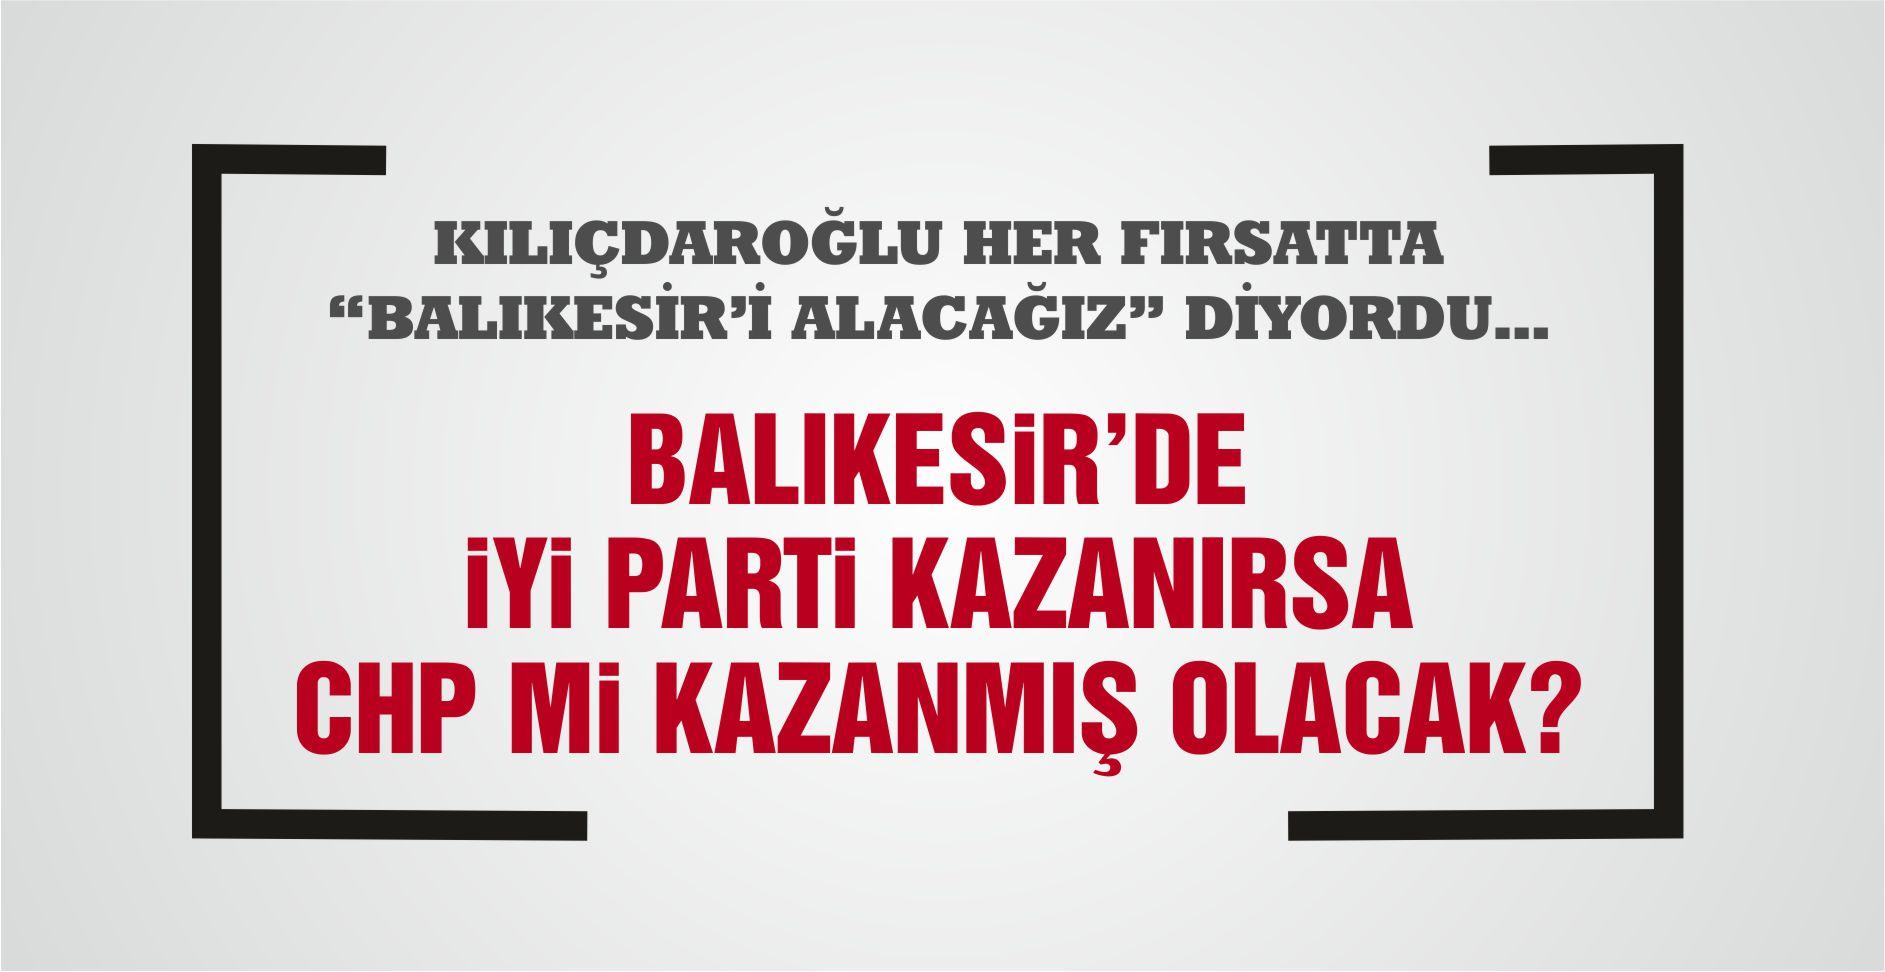 BALIKESİR'E İTTİFAK BOMBASI